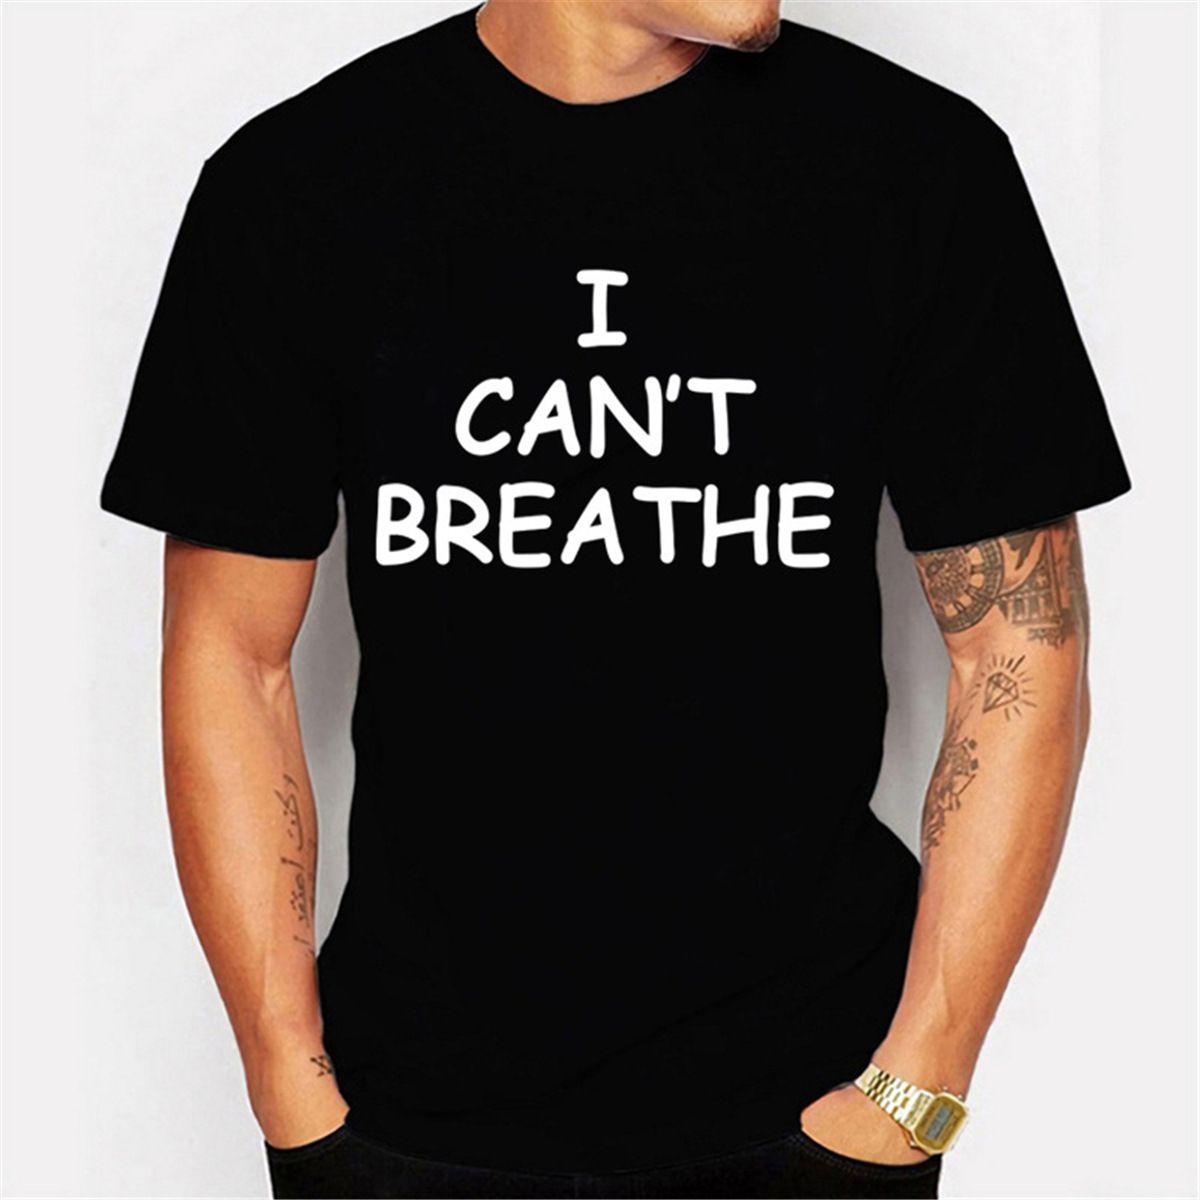 Moda Erkekler Harf Baskılı Nefes Able Erkek Tees Streetwear Giyim Boyut S-3XL ile Yaz 2020 Yeni T Gömlek Casual Tişörtlü